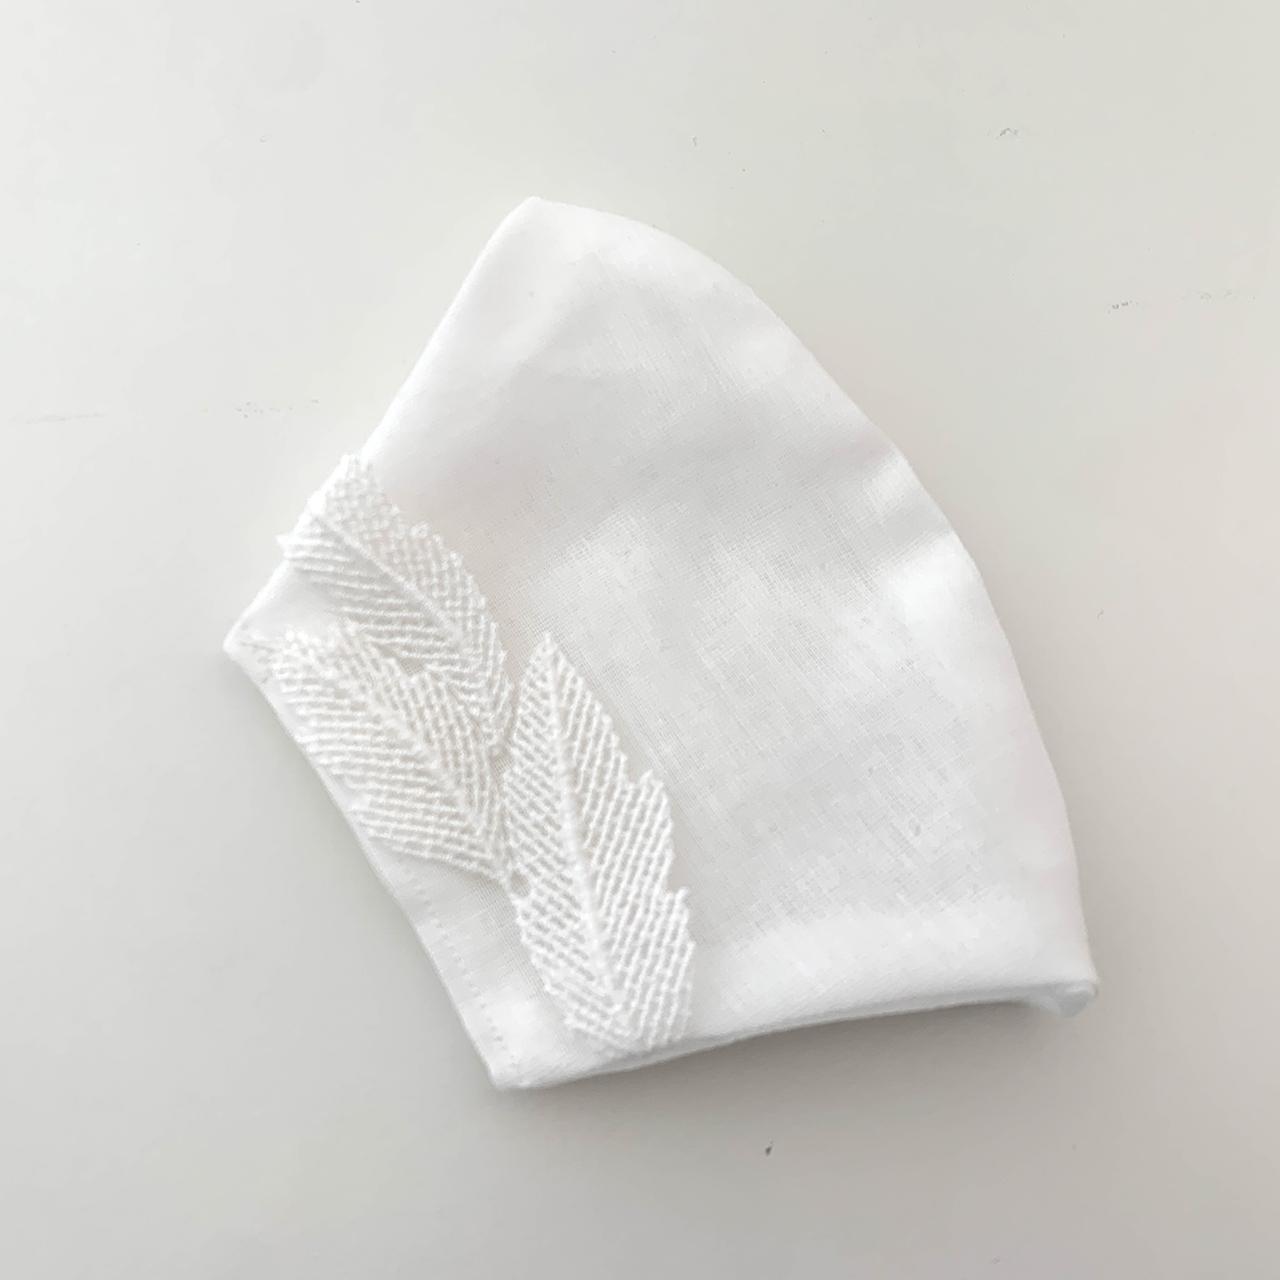 インナーマスクカバー「葉っぱ」 不織布マスクの下にするゴムなしのガーゼのマスクカバーです